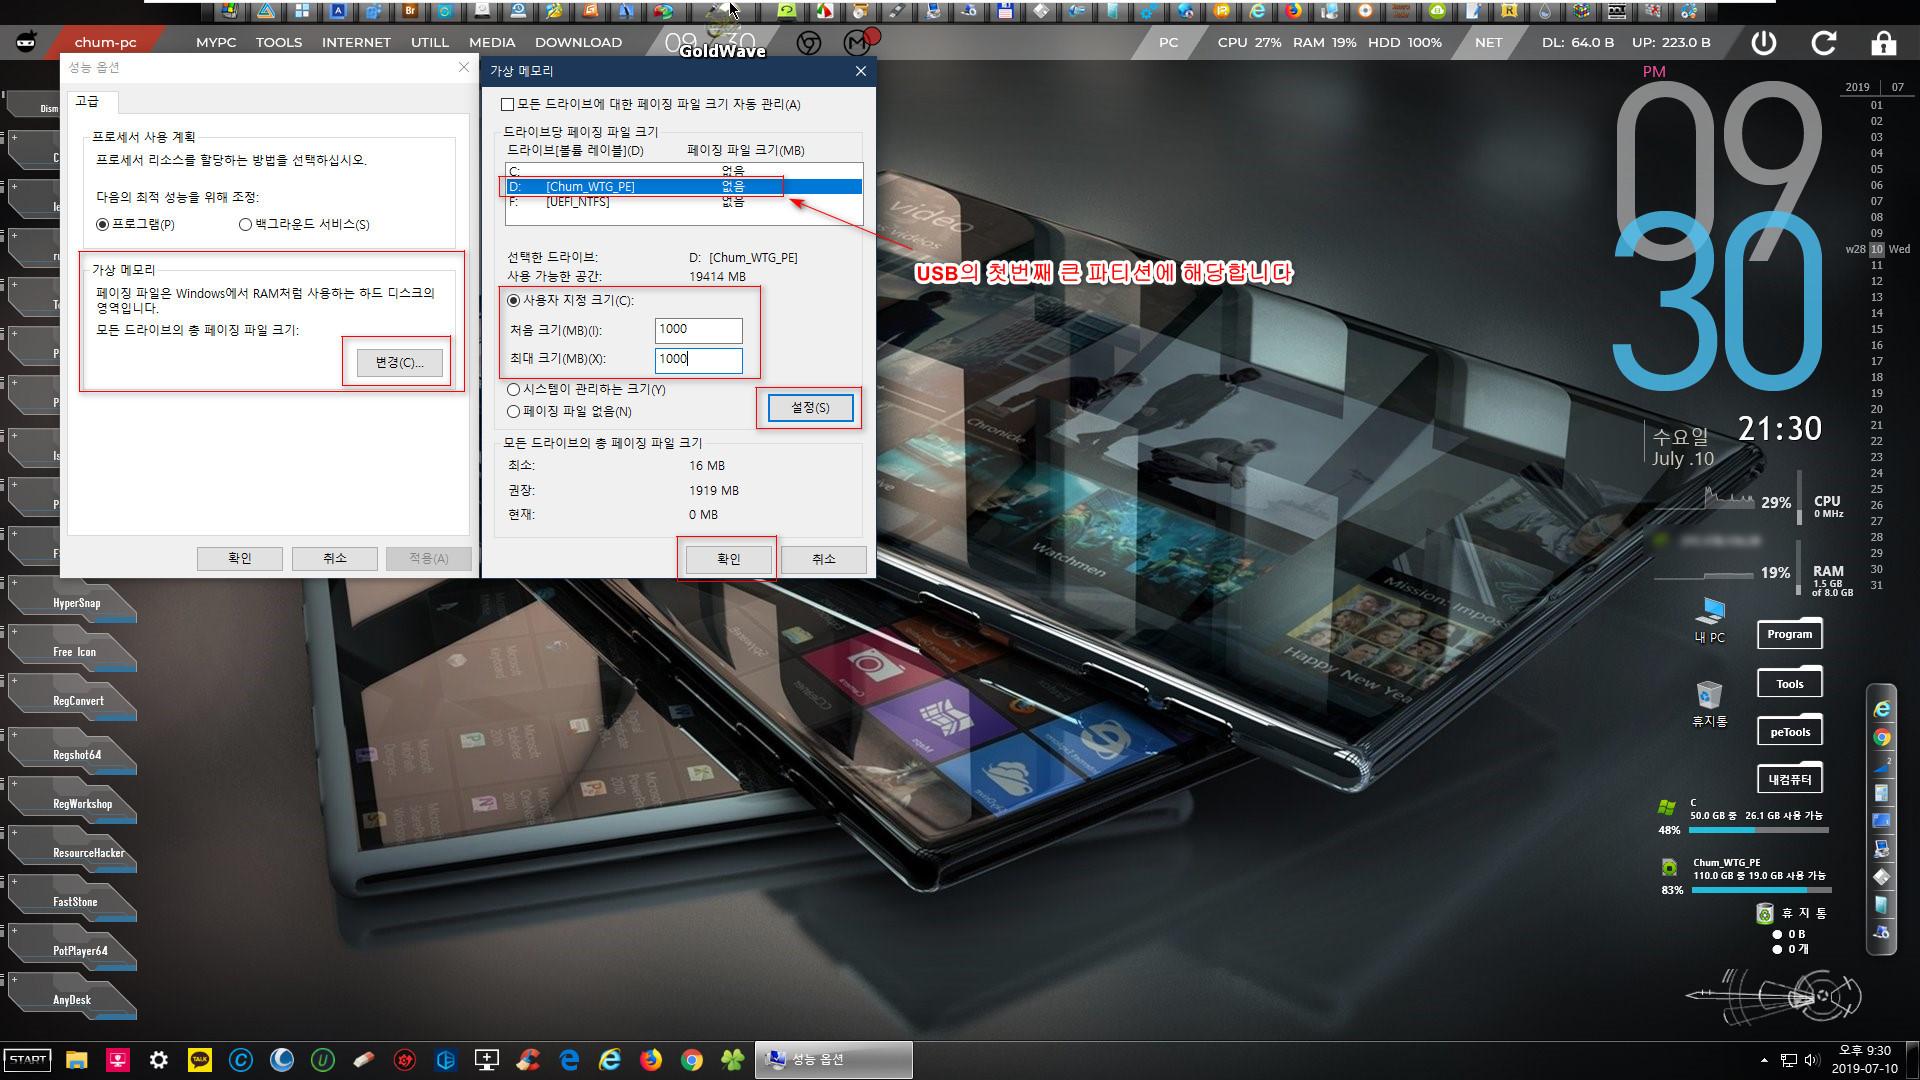 WTG-통파일(종합 셋트 모음) - PE 포함 - WTG 부팅 때 가상 메모리 설정 화면이 뜨지 않게 하시려면 가상 메모리를 설정해주시면 됩니다 2019-07-10_213012.jpg